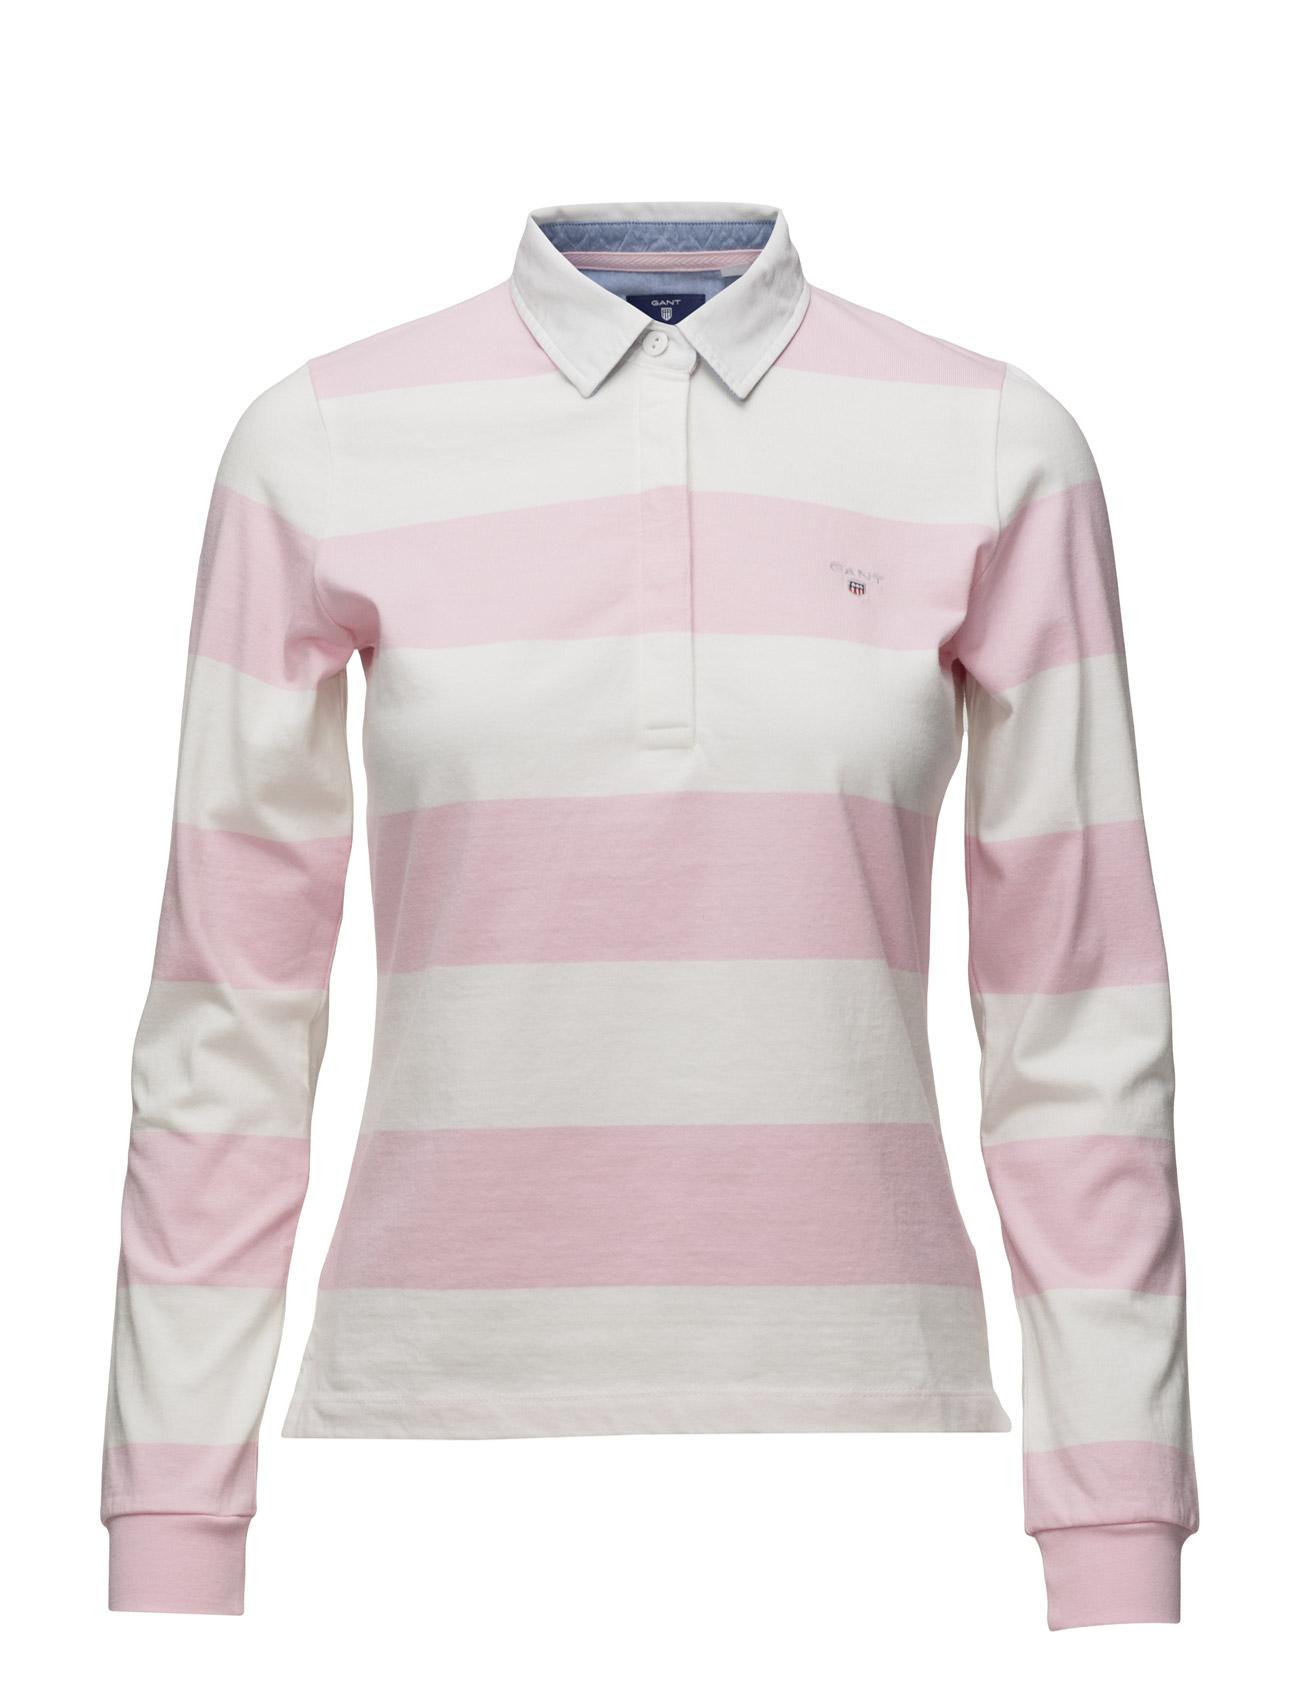 Barstripe Jersey Rugger Ls GANT Polo t-shirts til Damer i